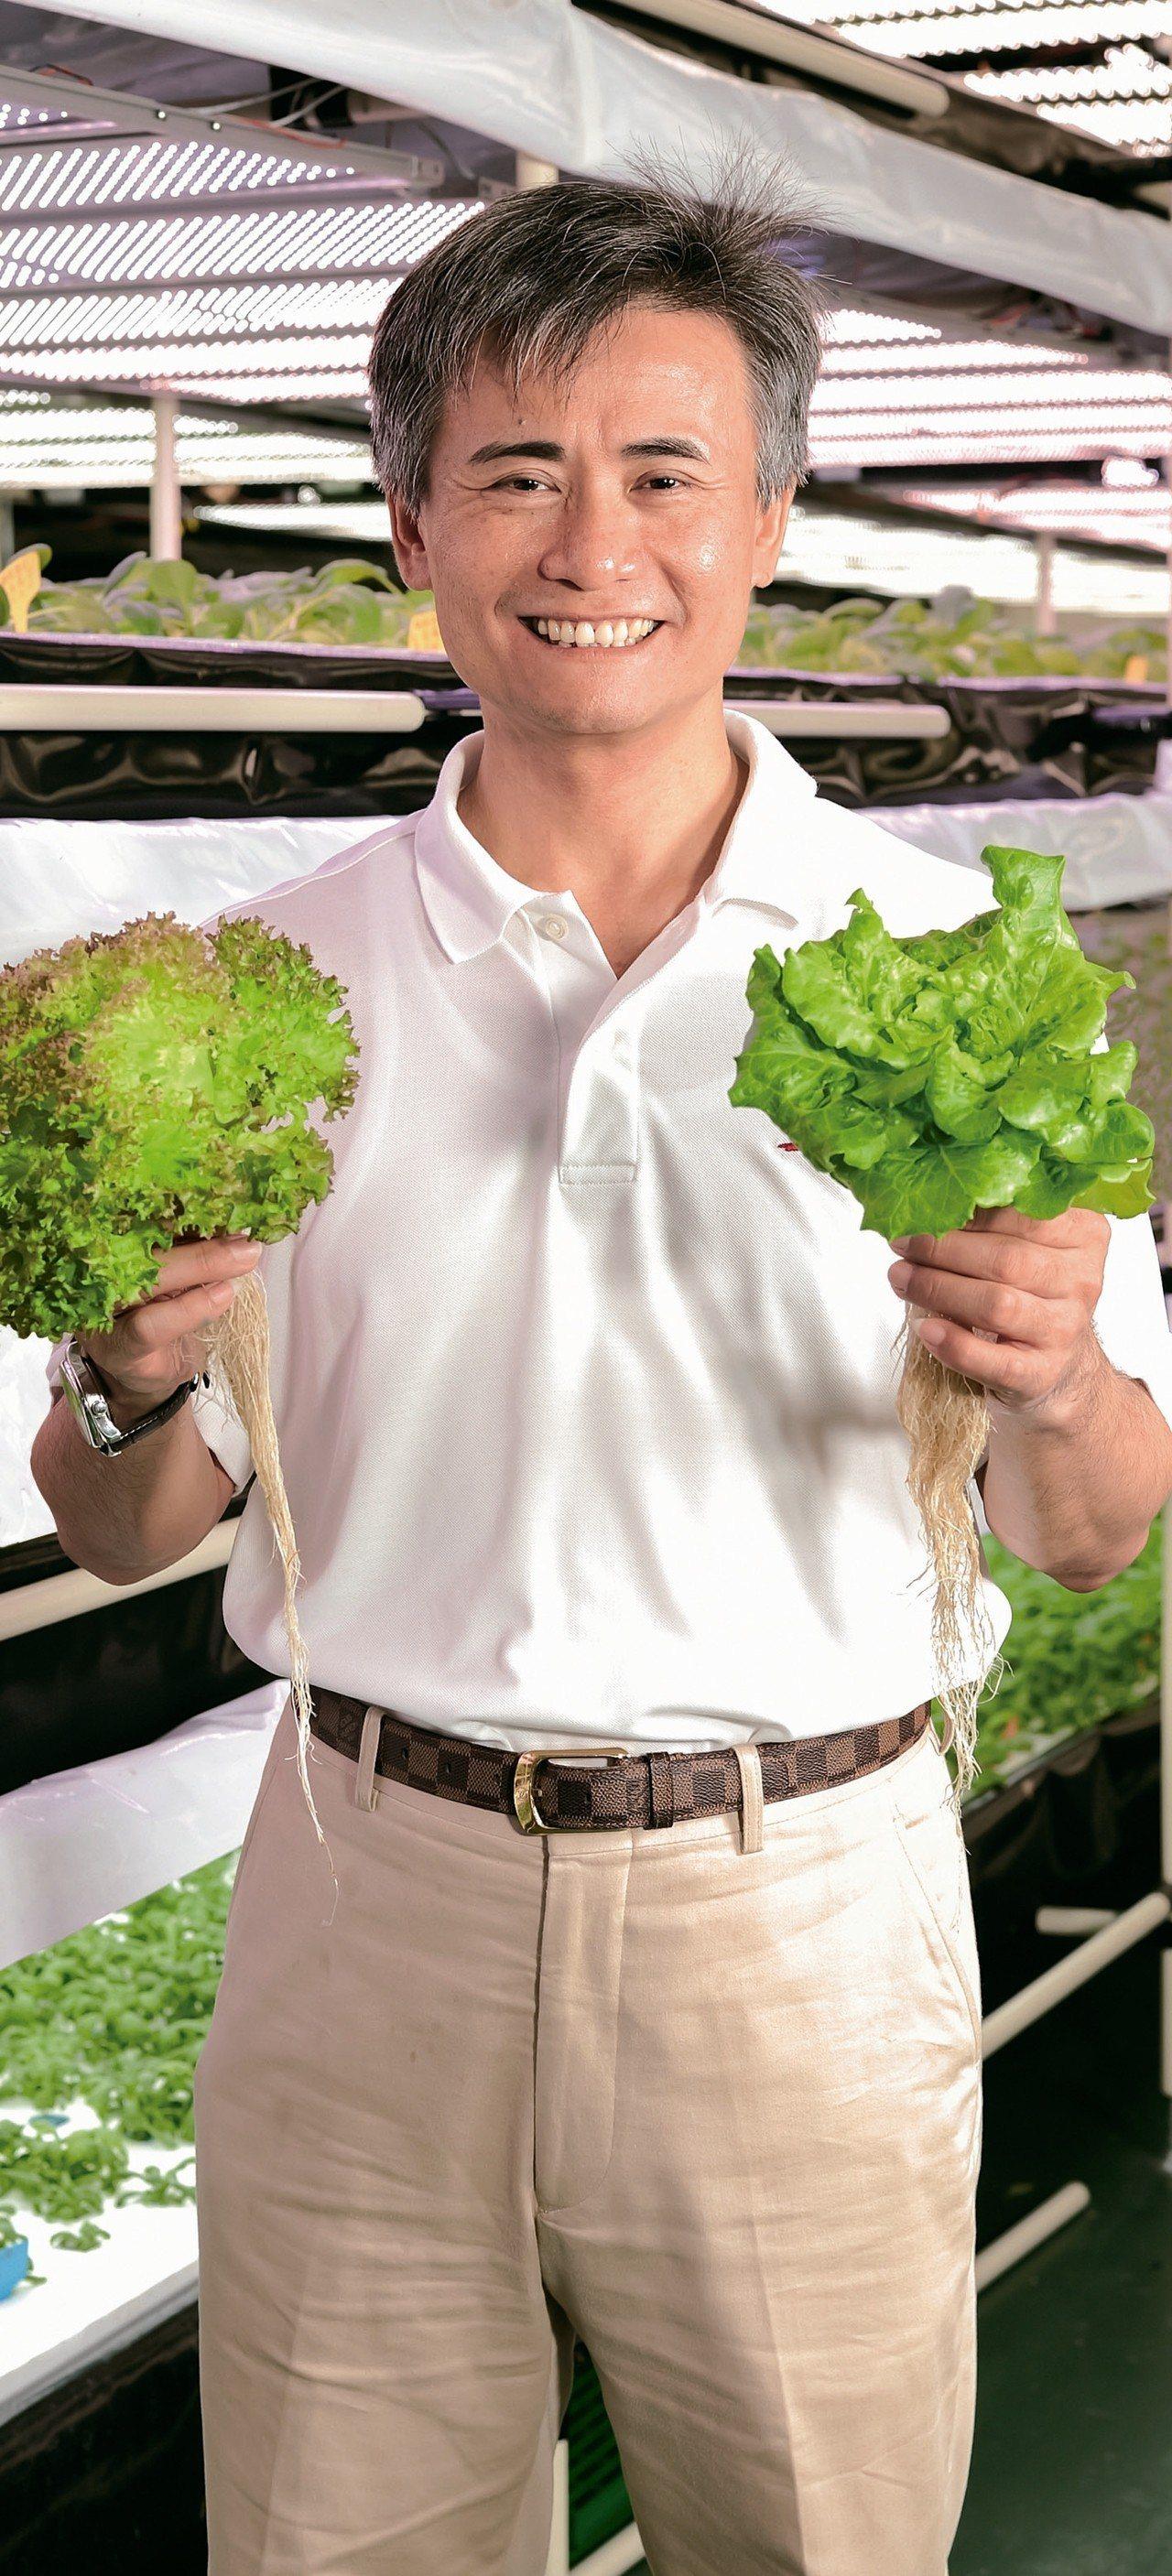 源鮮智慧農場董事長蔡文清,運用數據分析來種菜。 源鮮智慧農場/提供